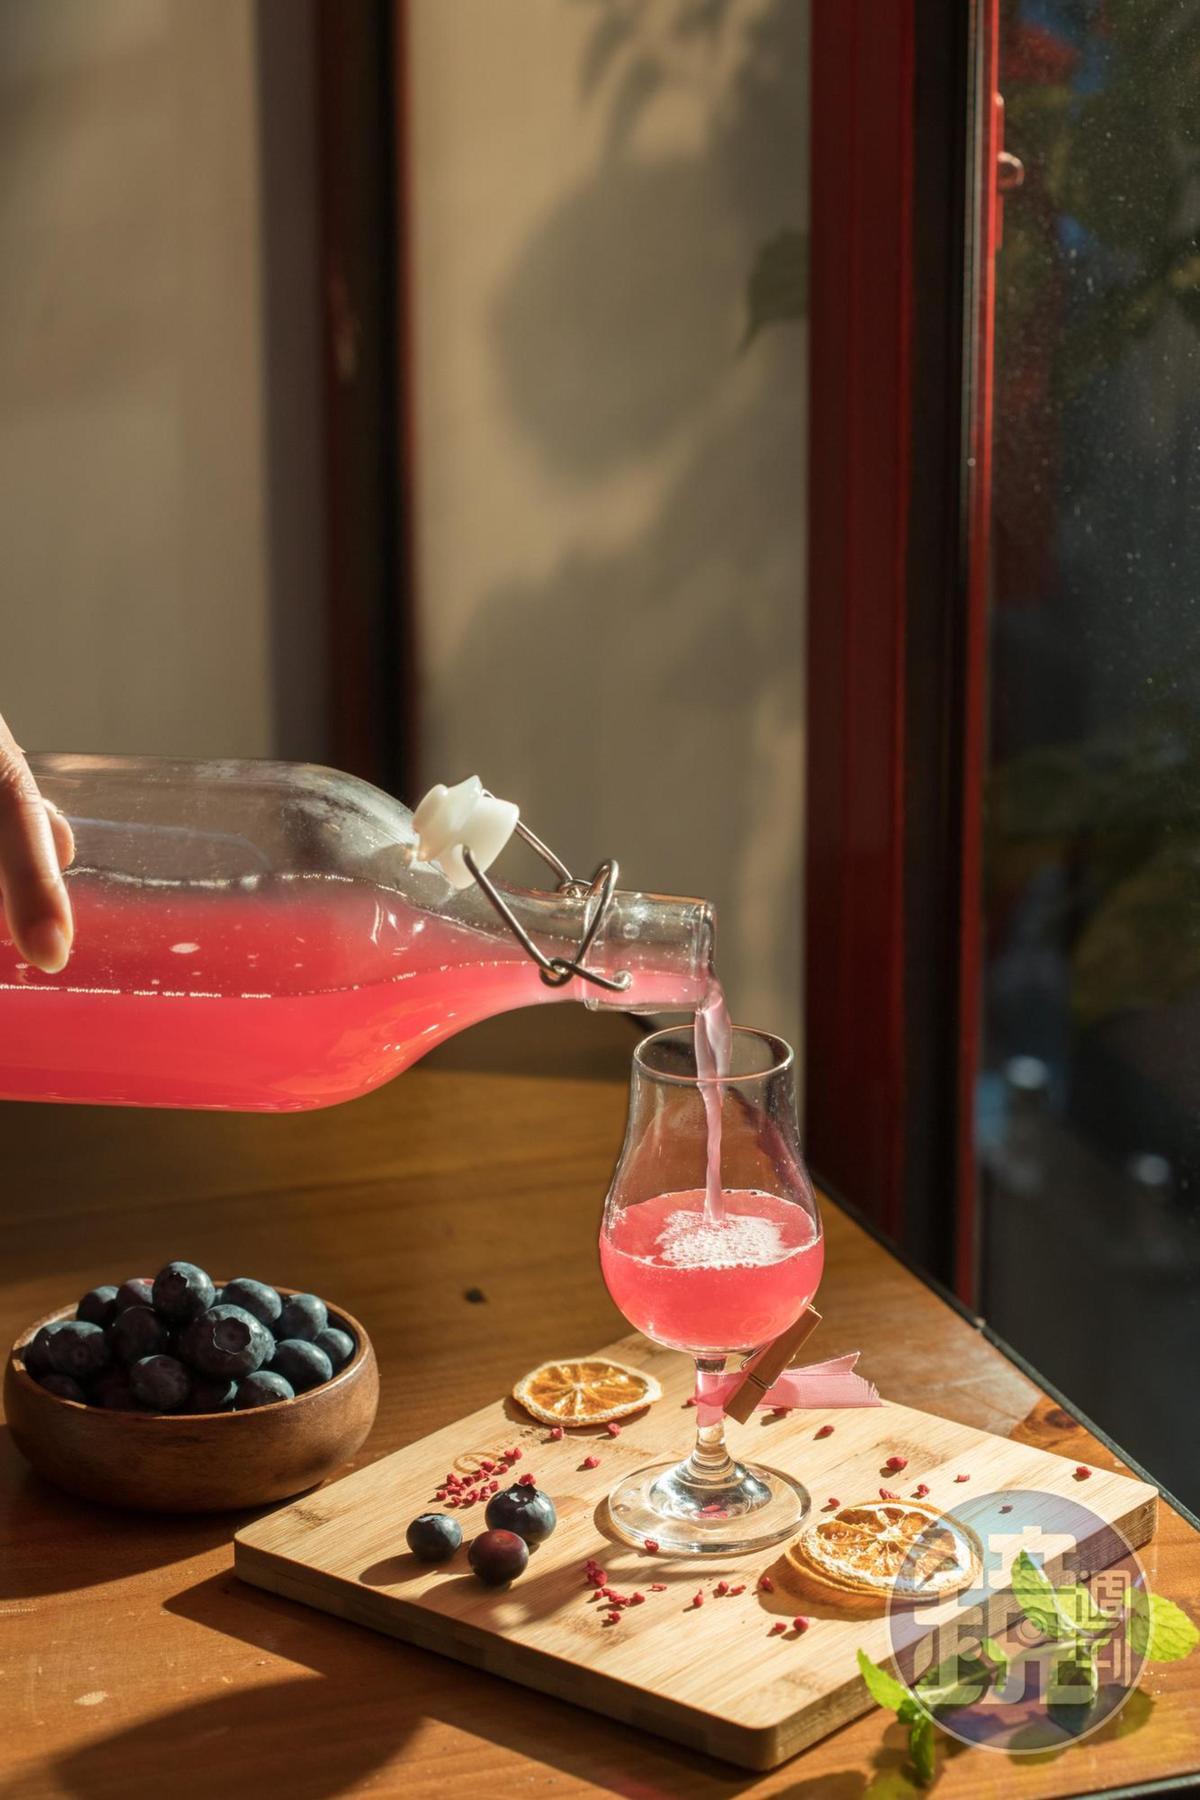 在家製作「藍莓酒」簡單上手,粉紅酒液誘人貪杯。